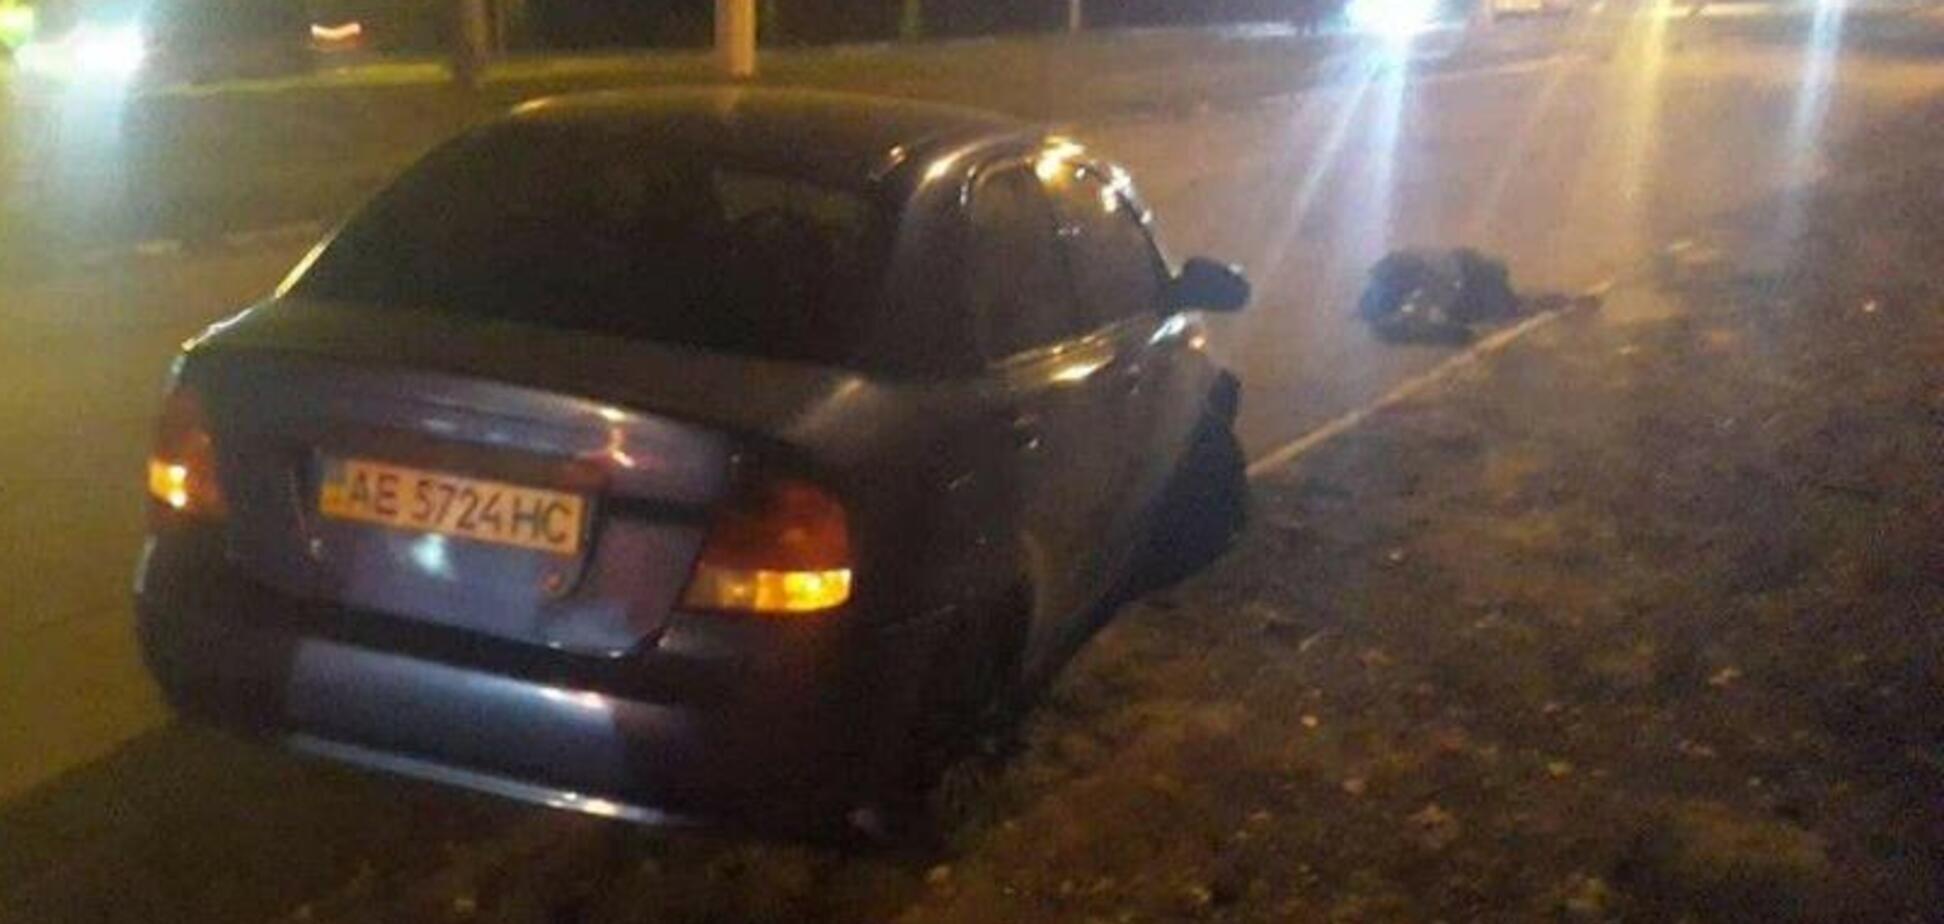 Перебросило через крышу: под Днепром пьяный водитель насмерть сбил пешехода. Видео 18+